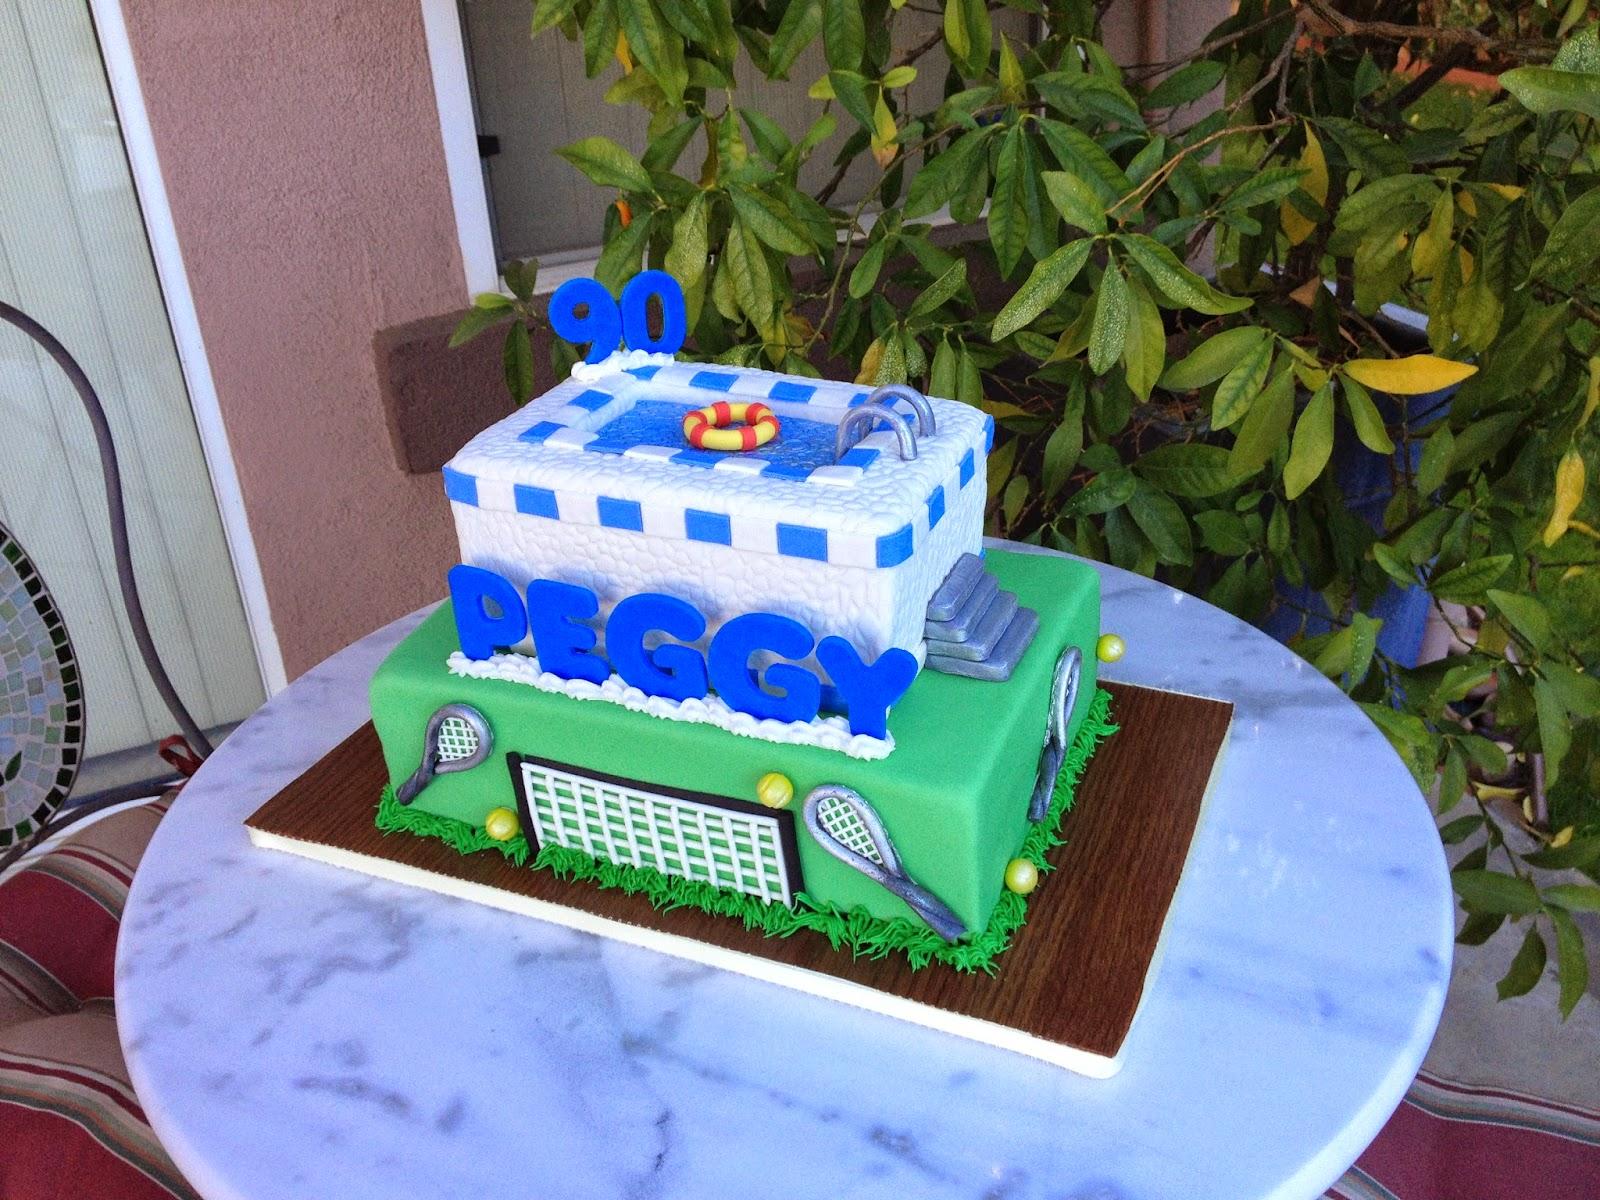 Sugar Chef PEGGYS 90TH BIRTHDAY CAKE